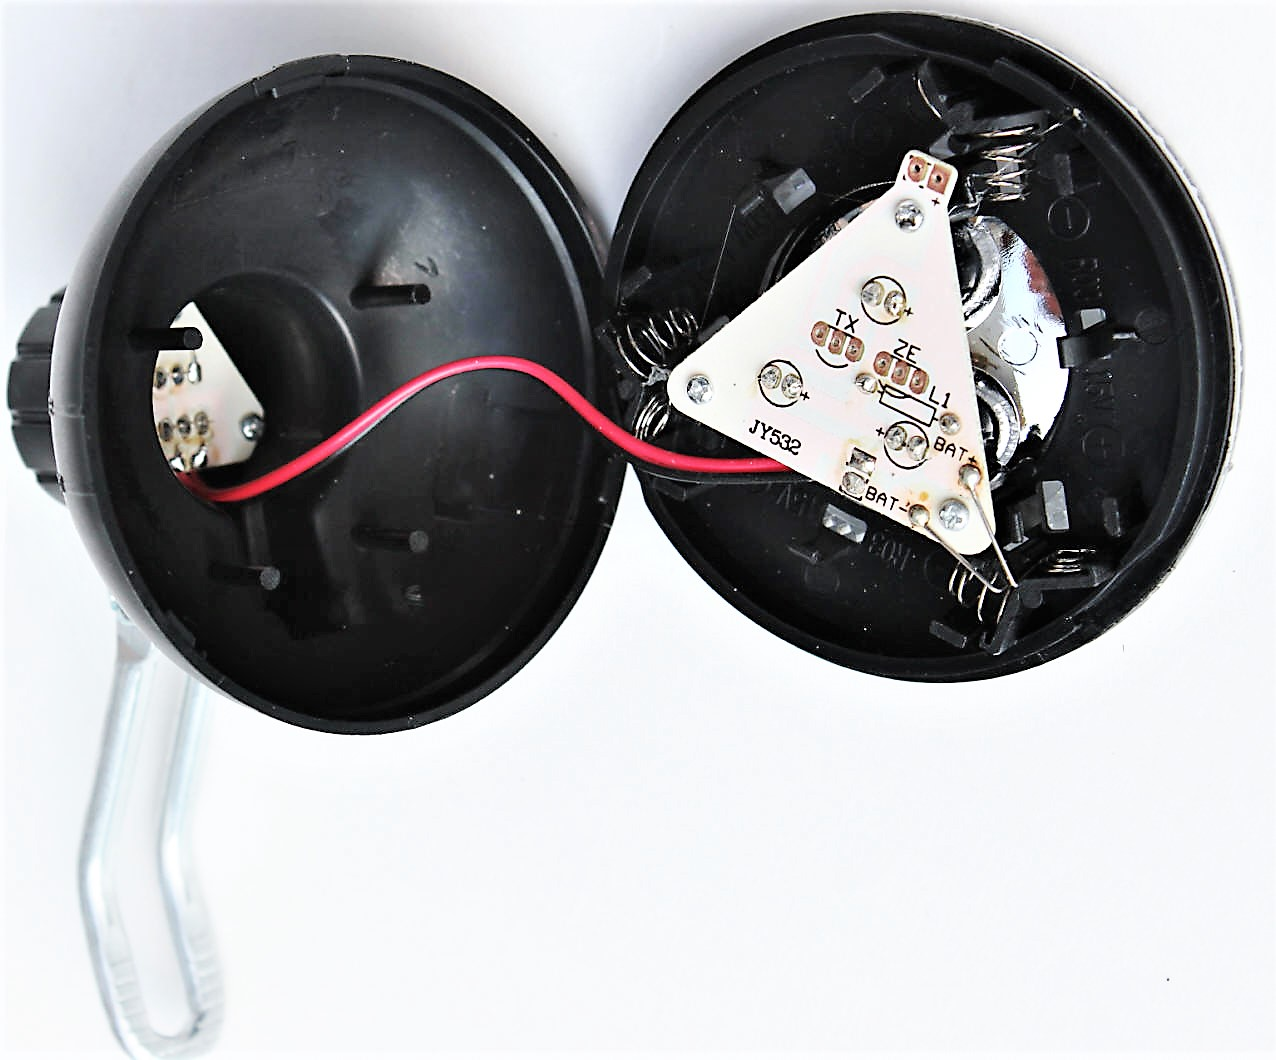 3er led scheinwerfer fahrrad beleuchtung klassik form o. Black Bedroom Furniture Sets. Home Design Ideas